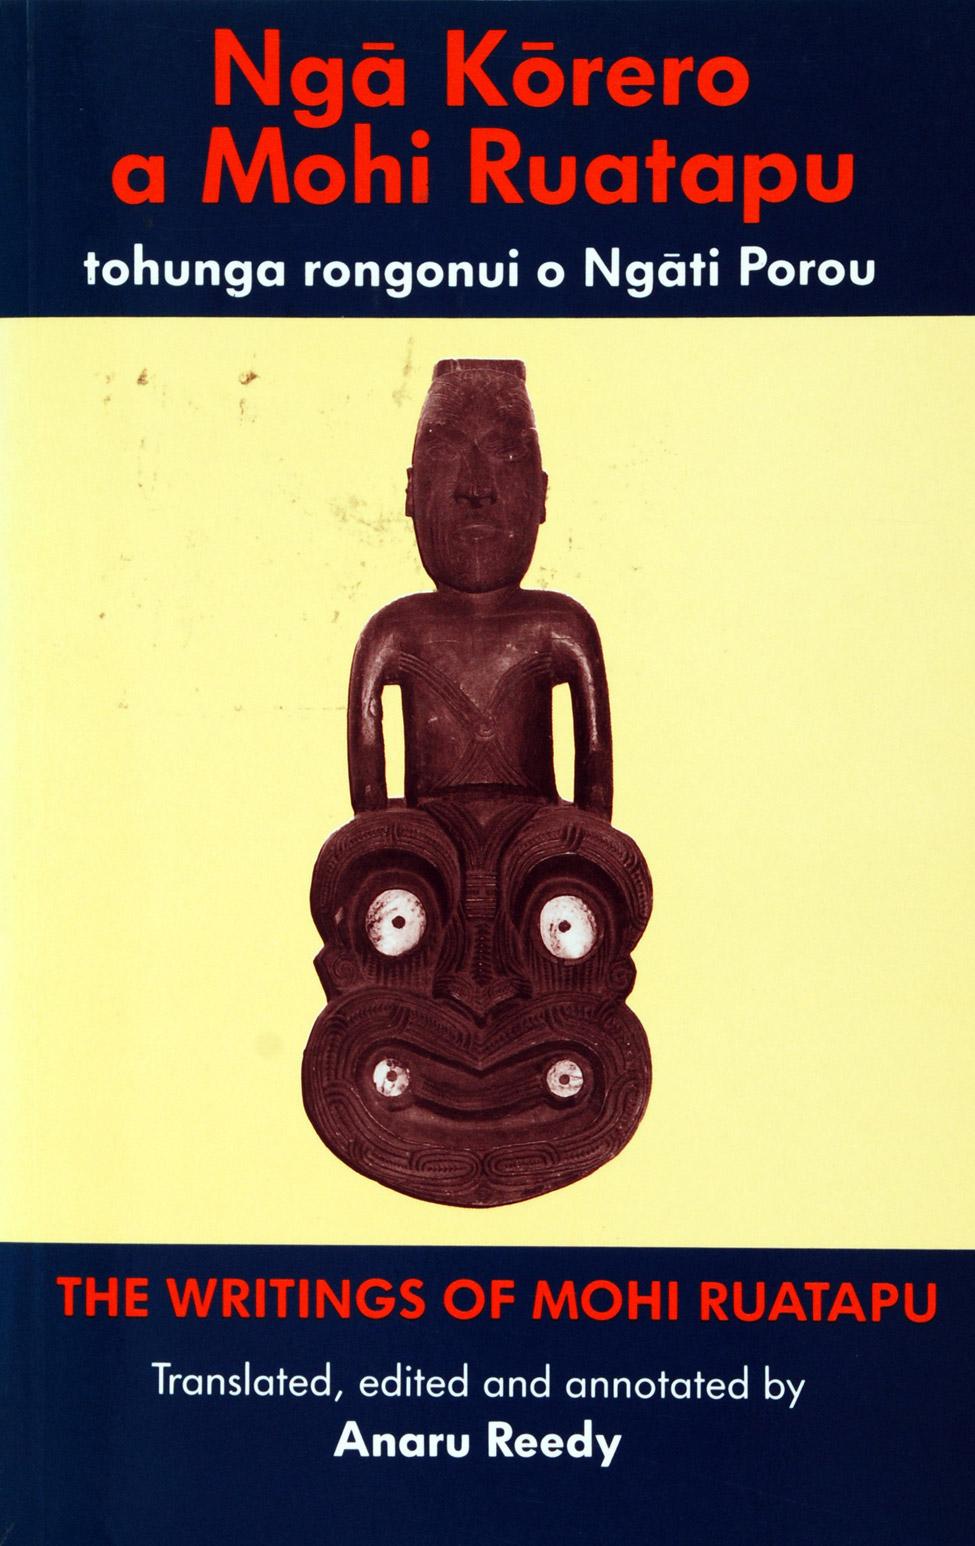 Anaru Reedy. <i>Ngā Kōrero a Mohi Ruatapu tohunga rongonui o Ngāti Porou: The Writings of Mohi Ruatapu. </i> Christchurch: Canterbury University Press, 1993.